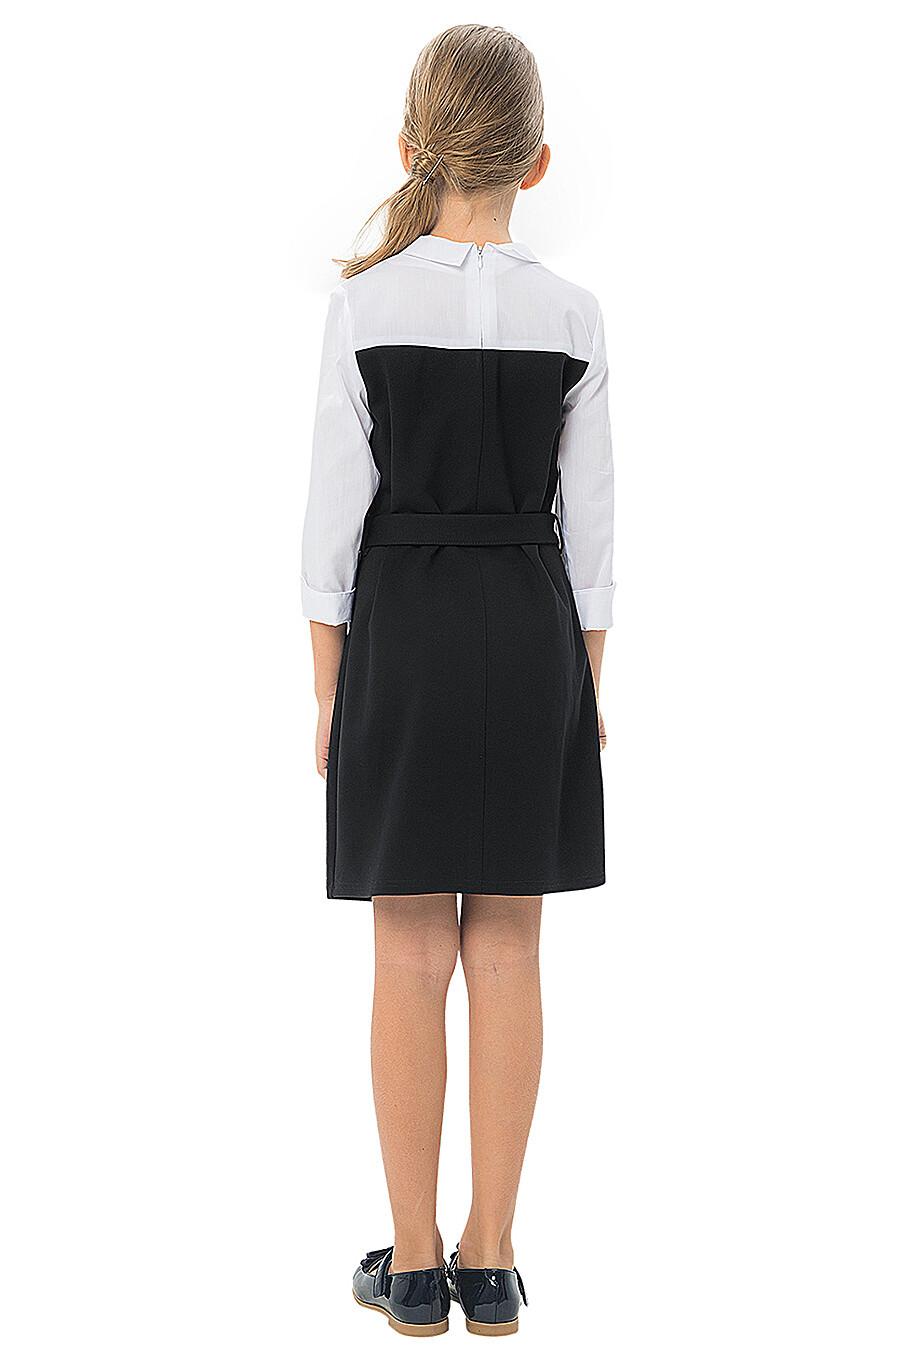 Платье КАРАМЕЛЛИ (683295), купить в Moyo.moda